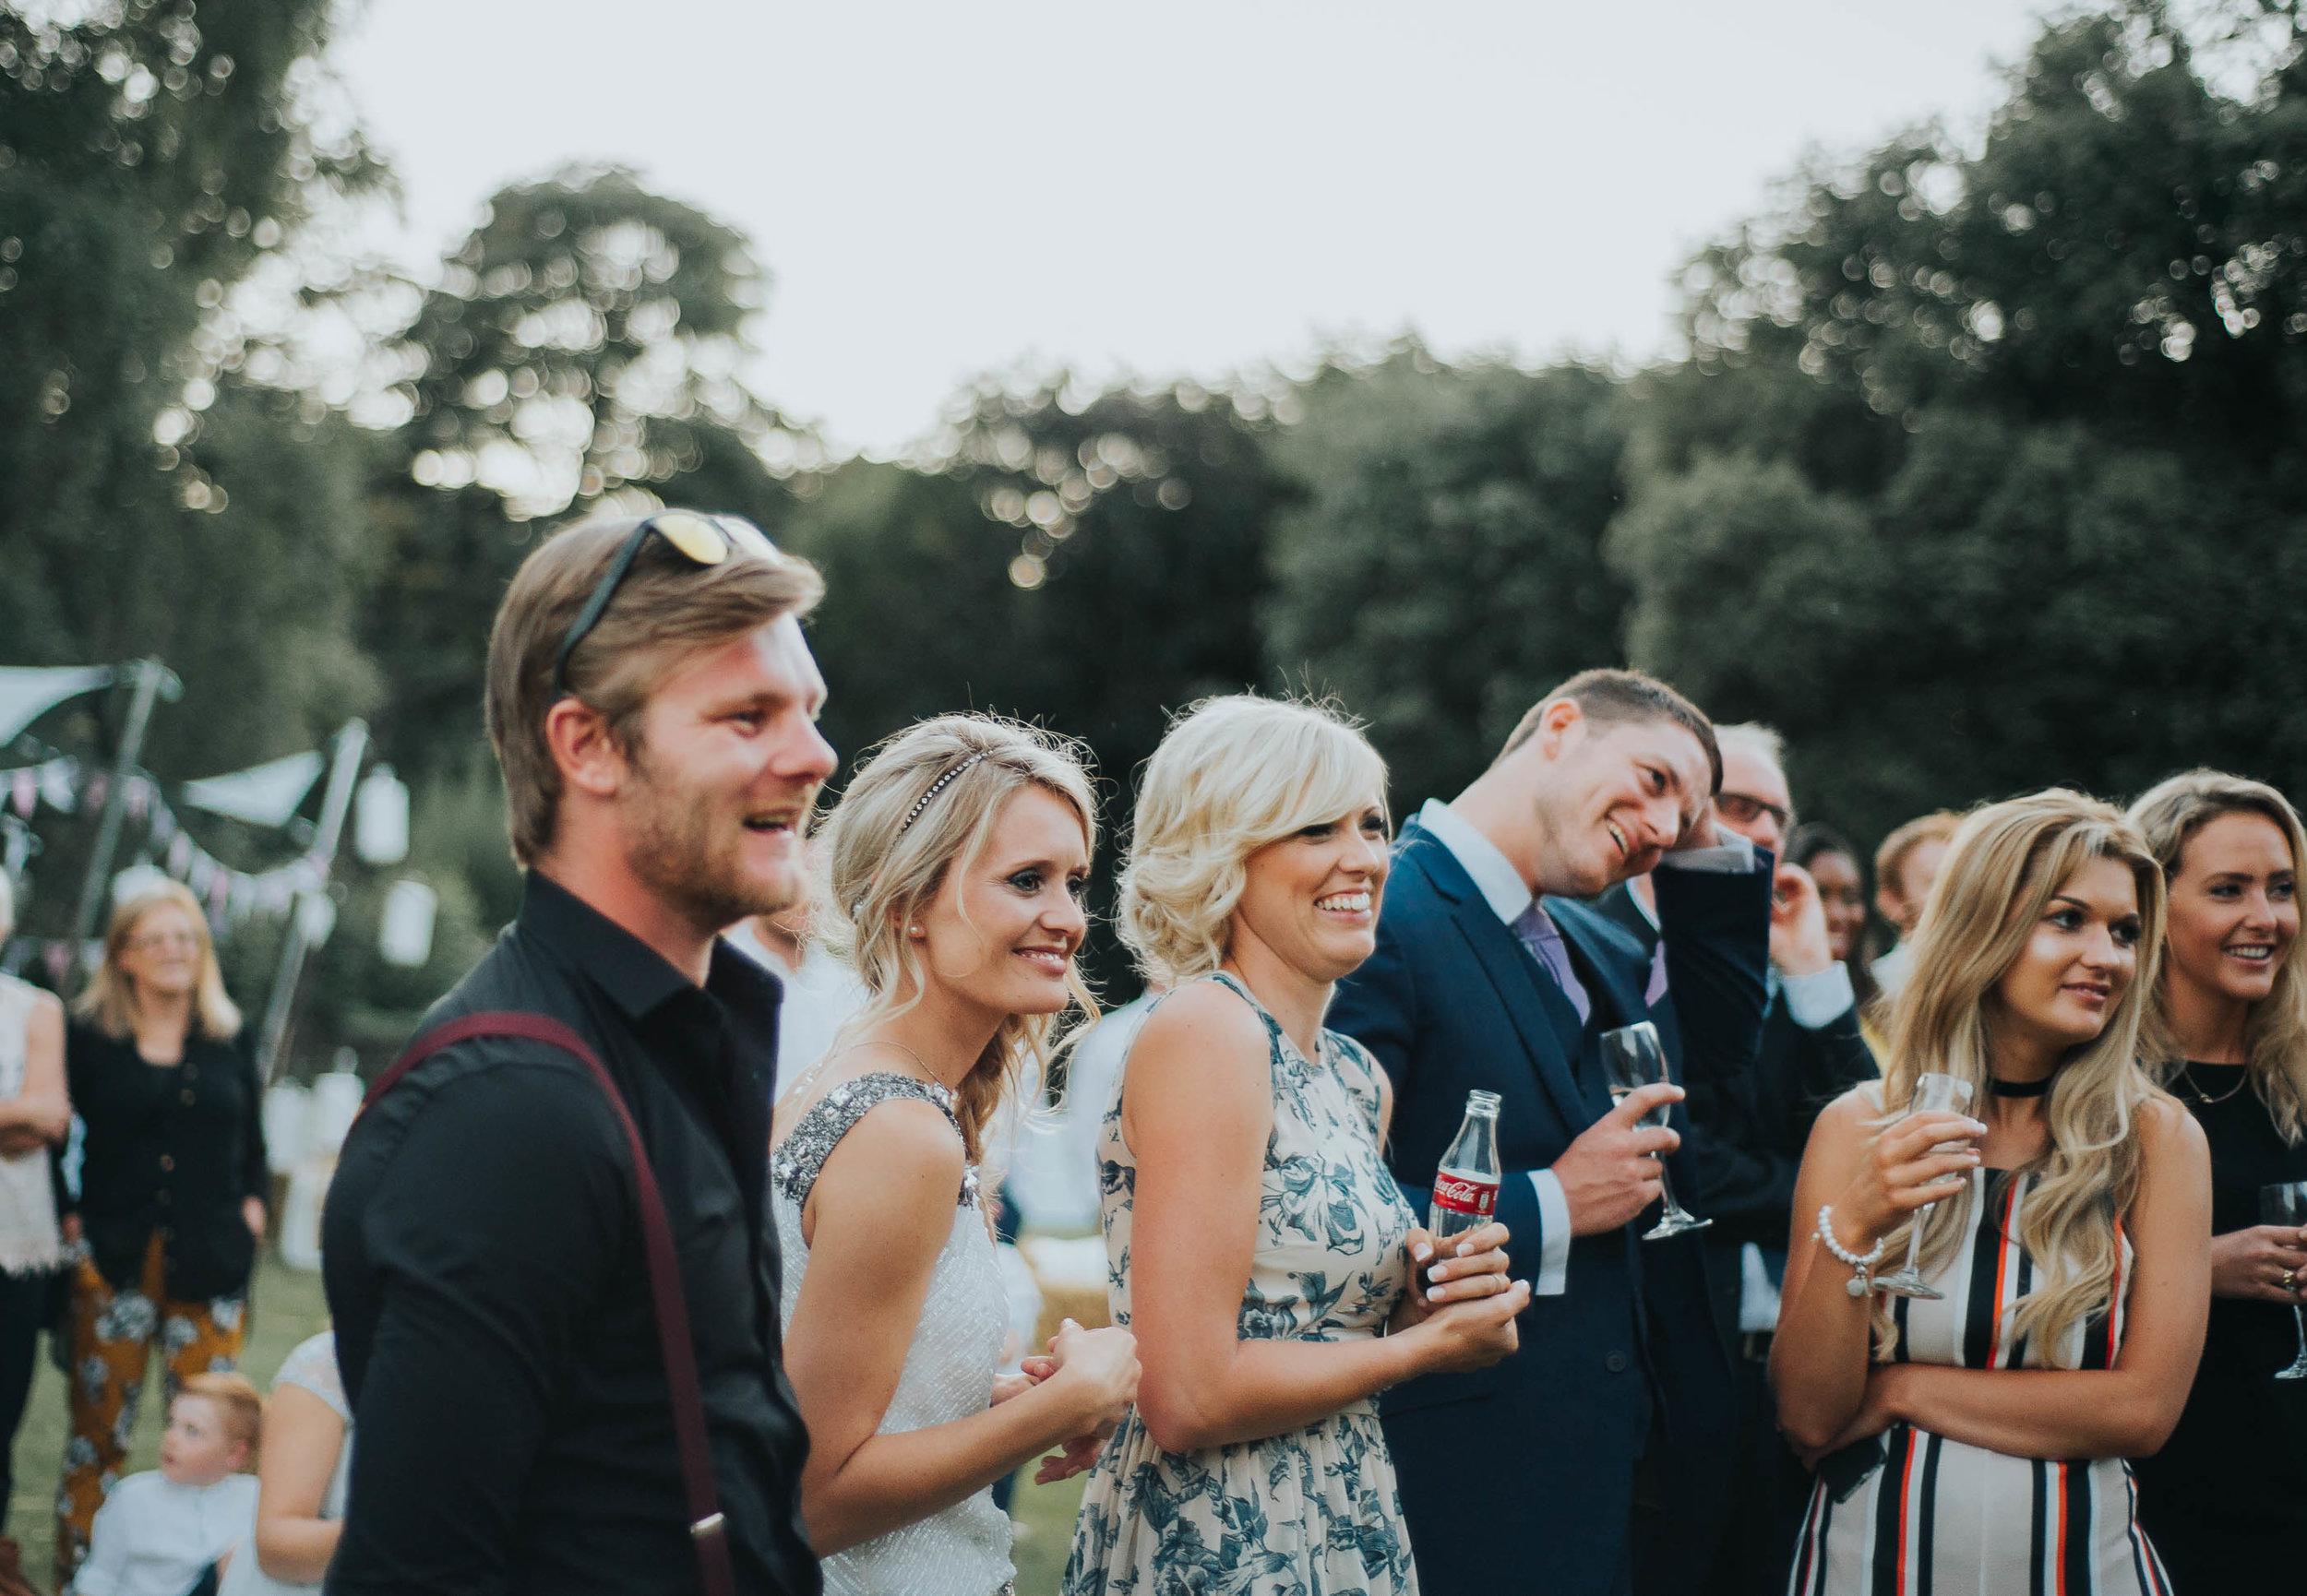 Creative Unique Wedding Photographer Essex Suffolk UK Wedding Photographer www.purplepeartreephotography.com (959).JPG